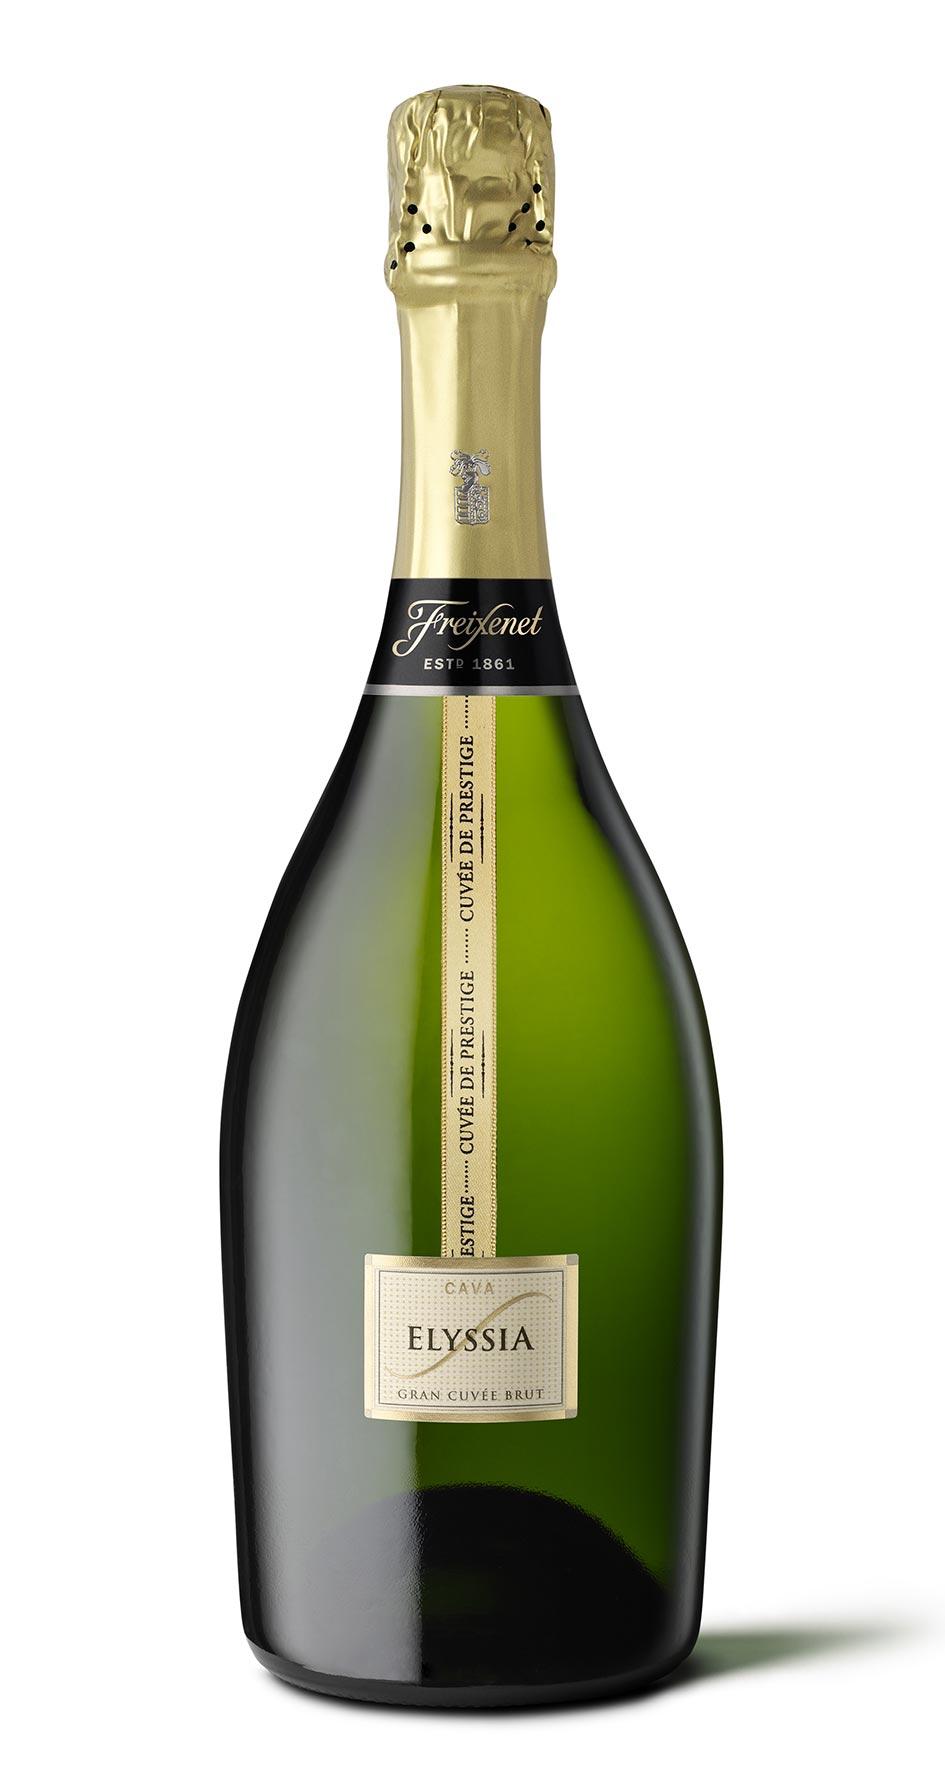 Ongebruikt Freixenet Elyssia Gran Cuvée fles 75cl | Prik&Tik QX-02